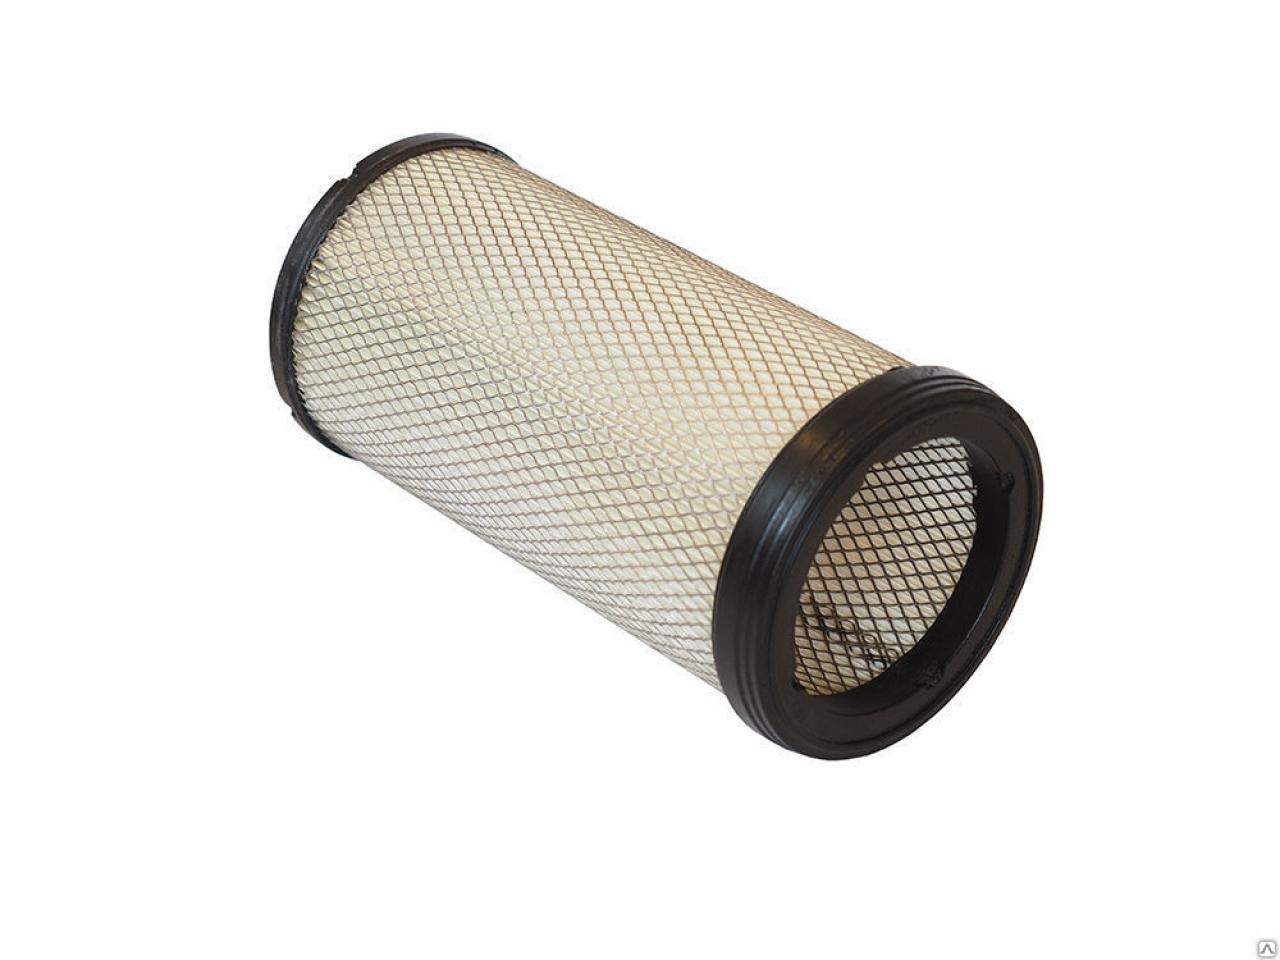 Воздушный фильтр (эл-нт безопасности) SAKURA A-1336M, S178013460.